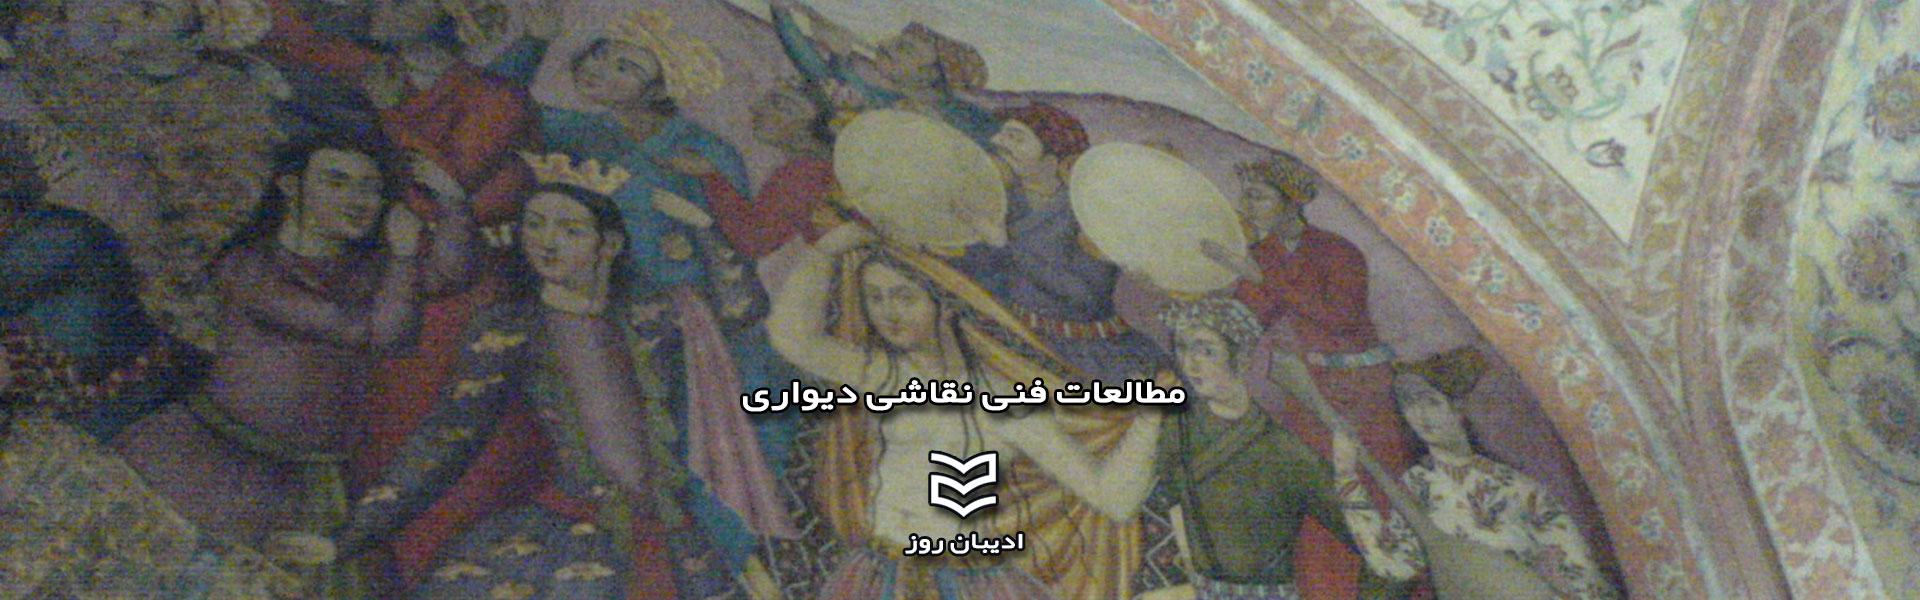 مطالعات فنی نقاشی دیواری